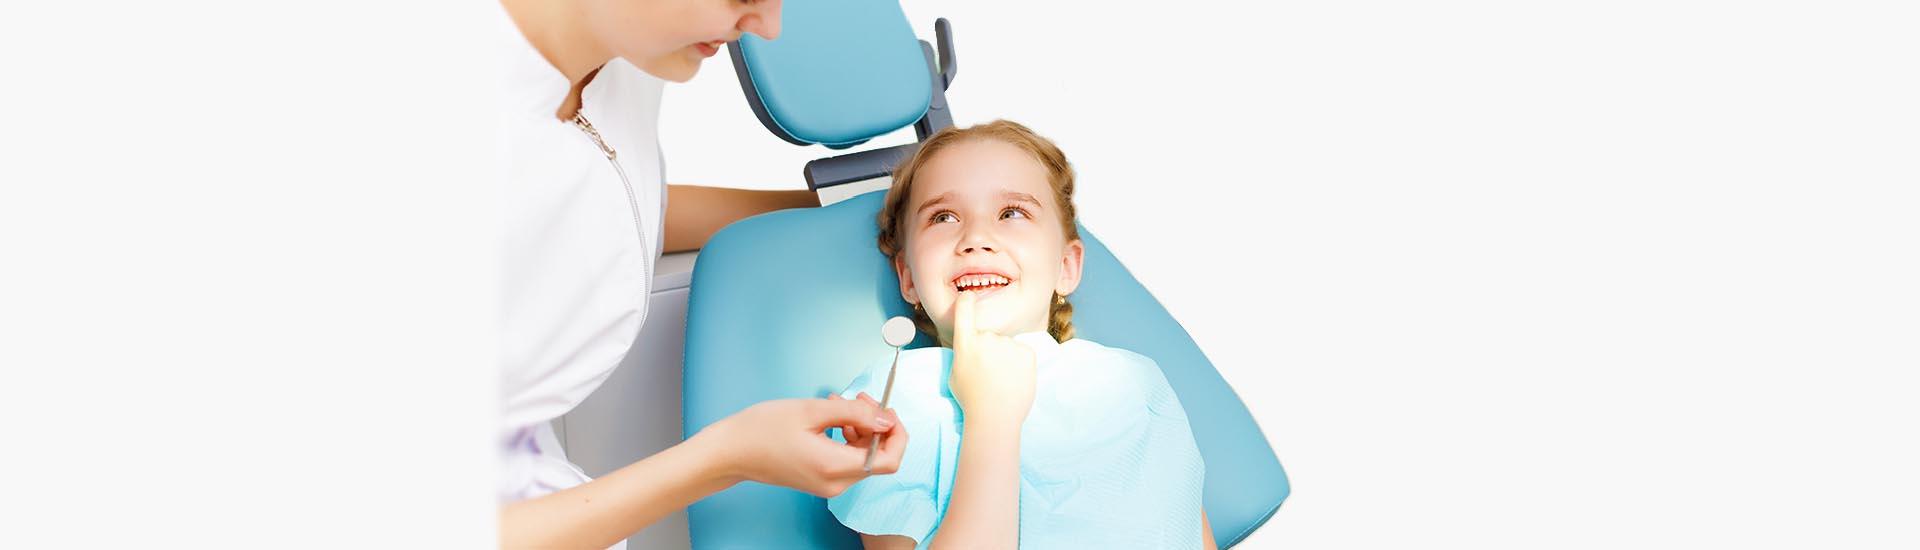 Children's Dentist in Seattle, Shoreline, Greenwood, WA, Northgate, WA